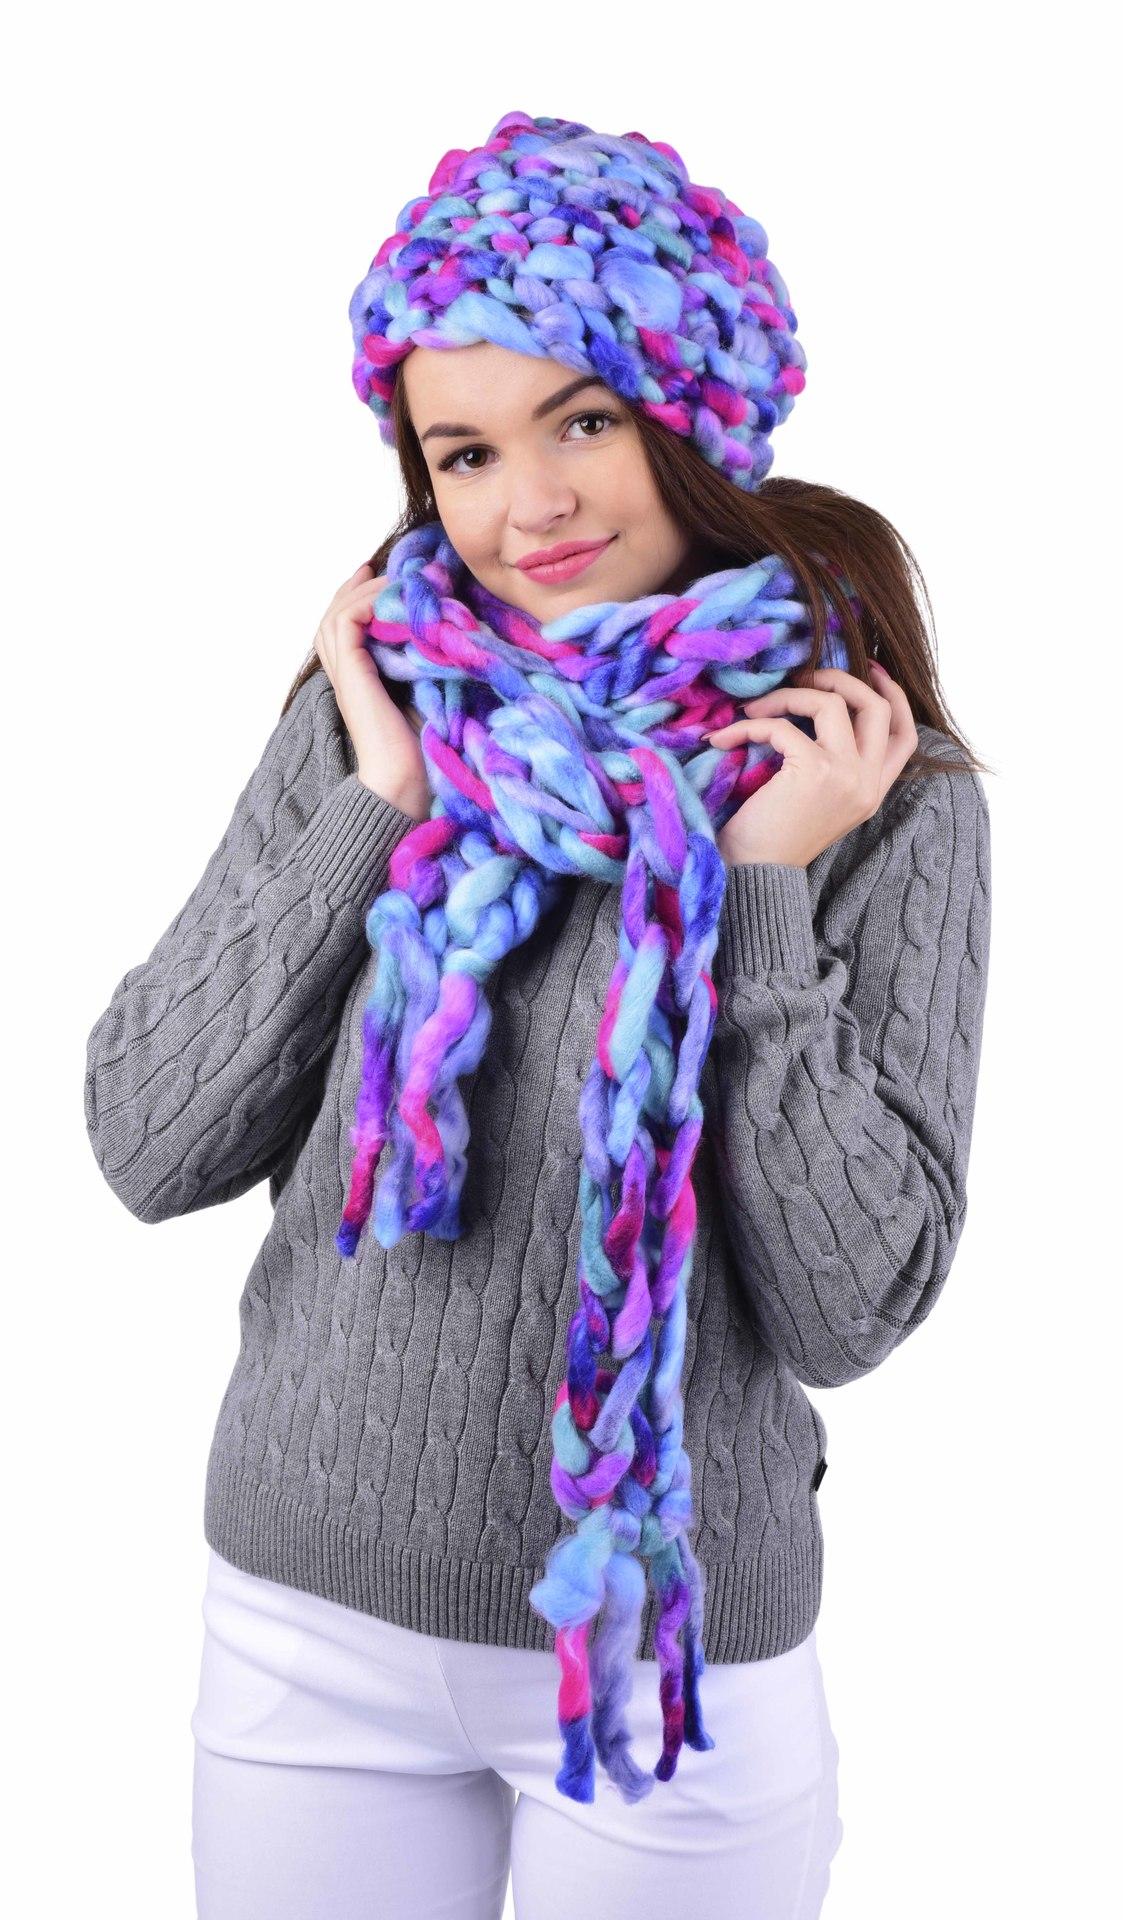 Dámská zimní sada čepice + šála v atraktivních barvách